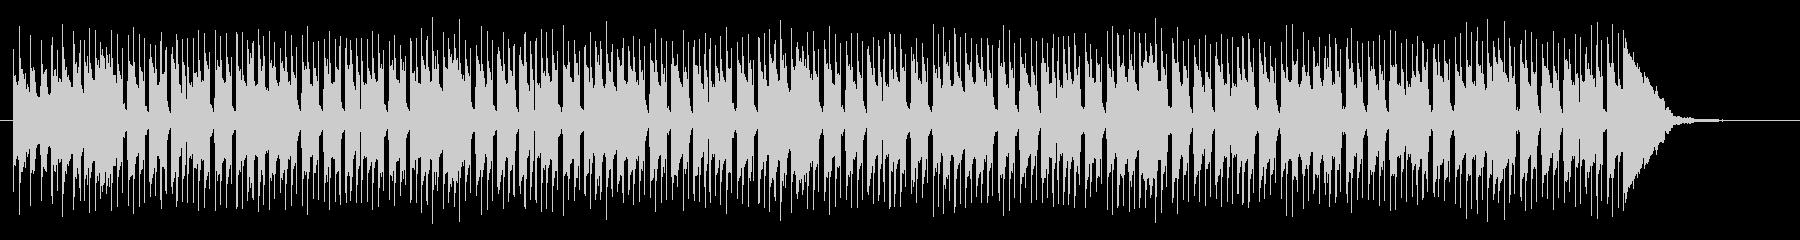 軽快なドラムテンポの明るいミュージックの未再生の波形